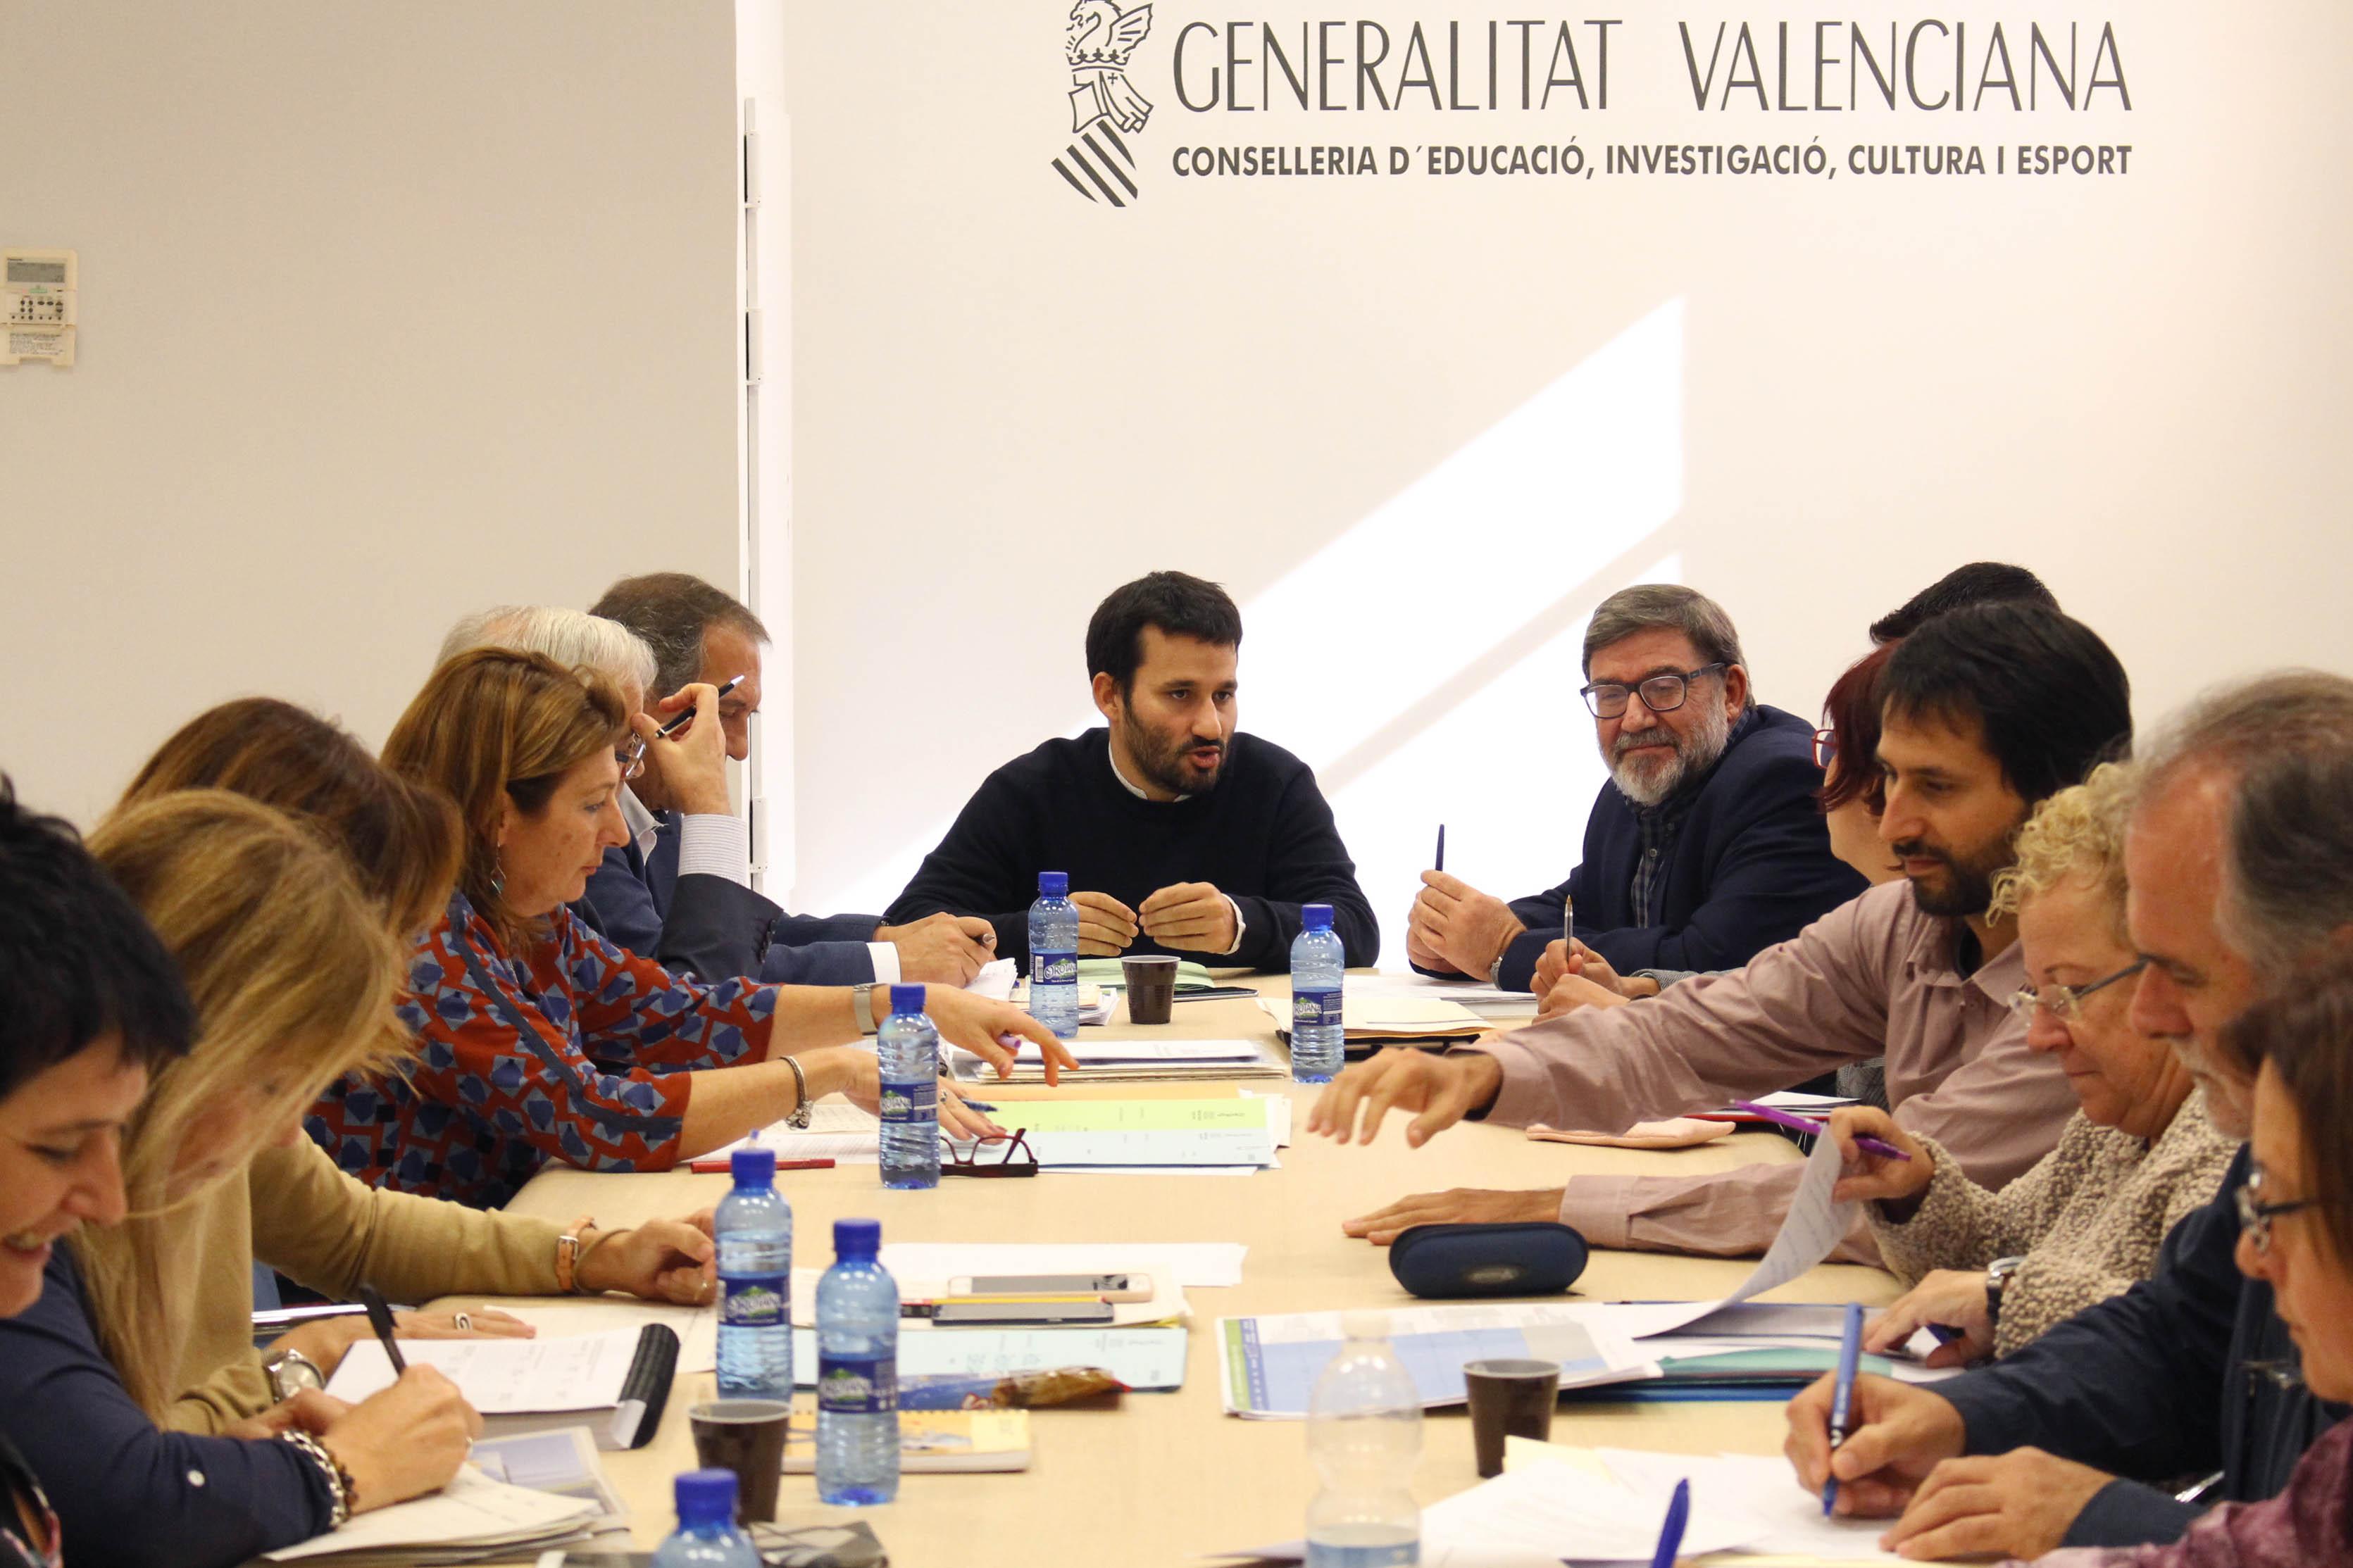 Vinaròs, l'alcalde Pla es reuneix amb el conseller Marzà per parlar del programa Edificant